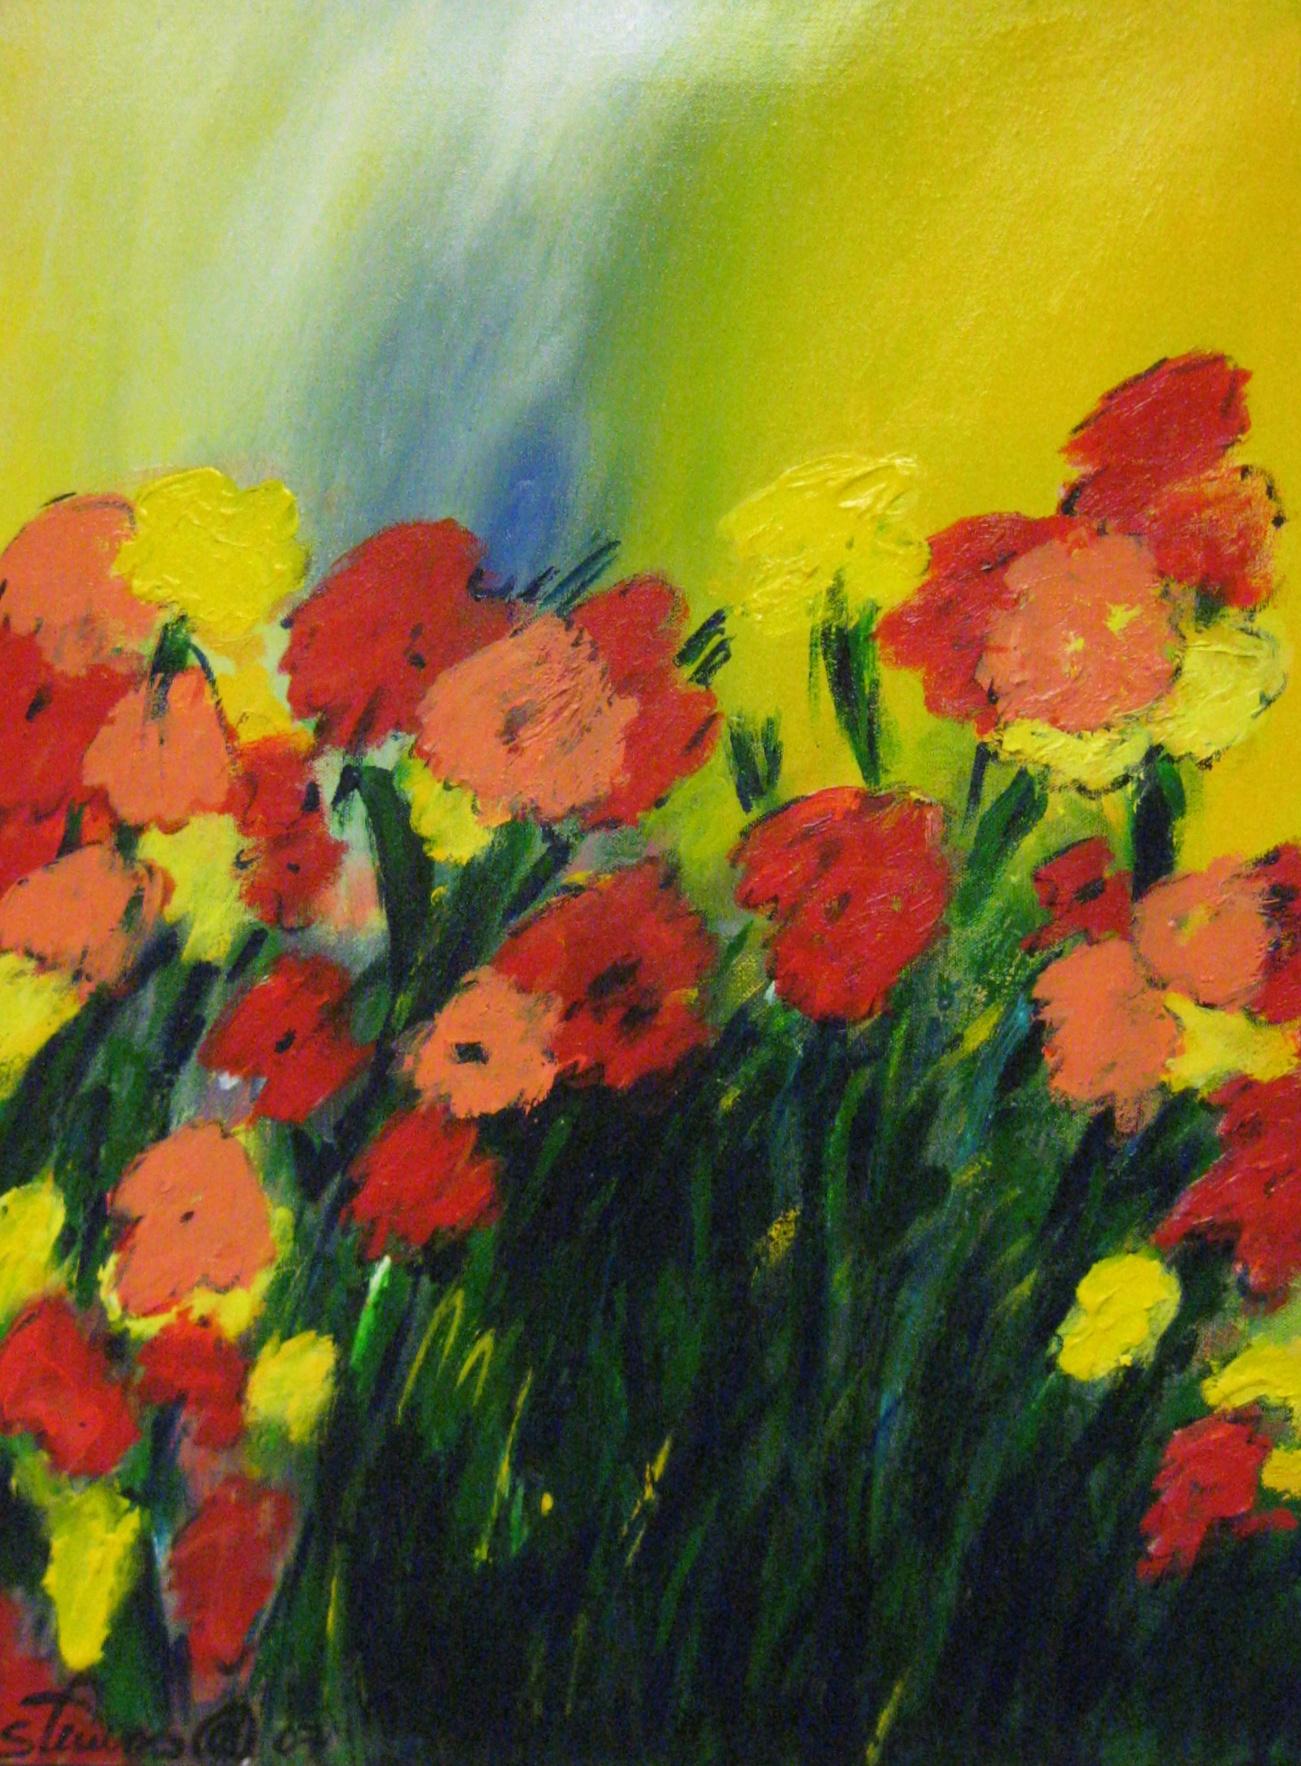 Carter, Spring, 24x18 Acrylic